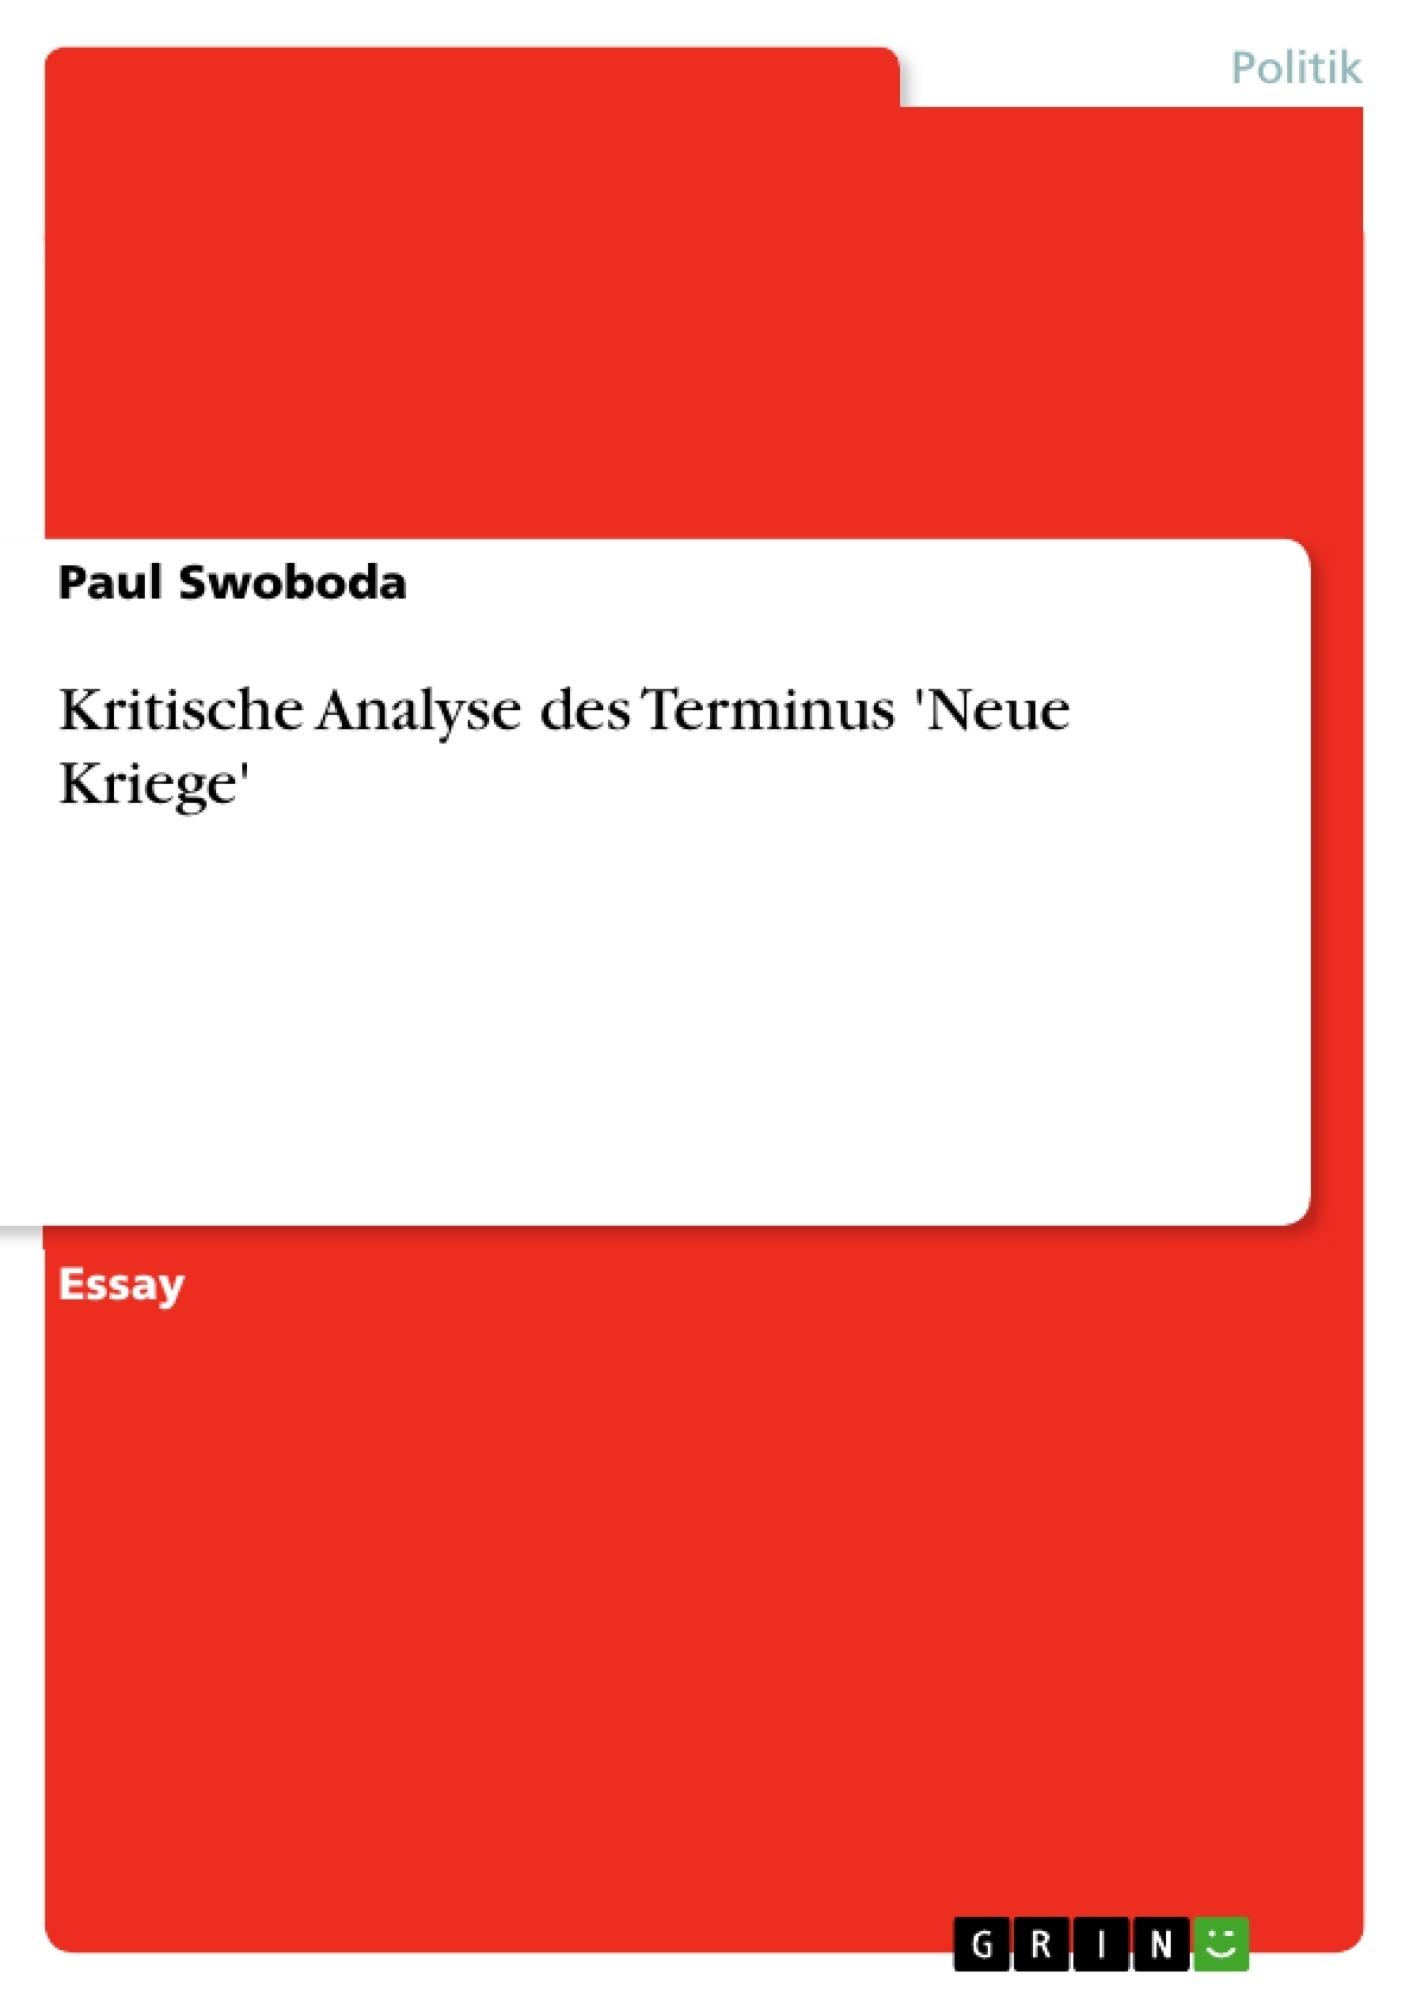 Titel: Kritische Analyse des Terminus 'Neue Kriege'